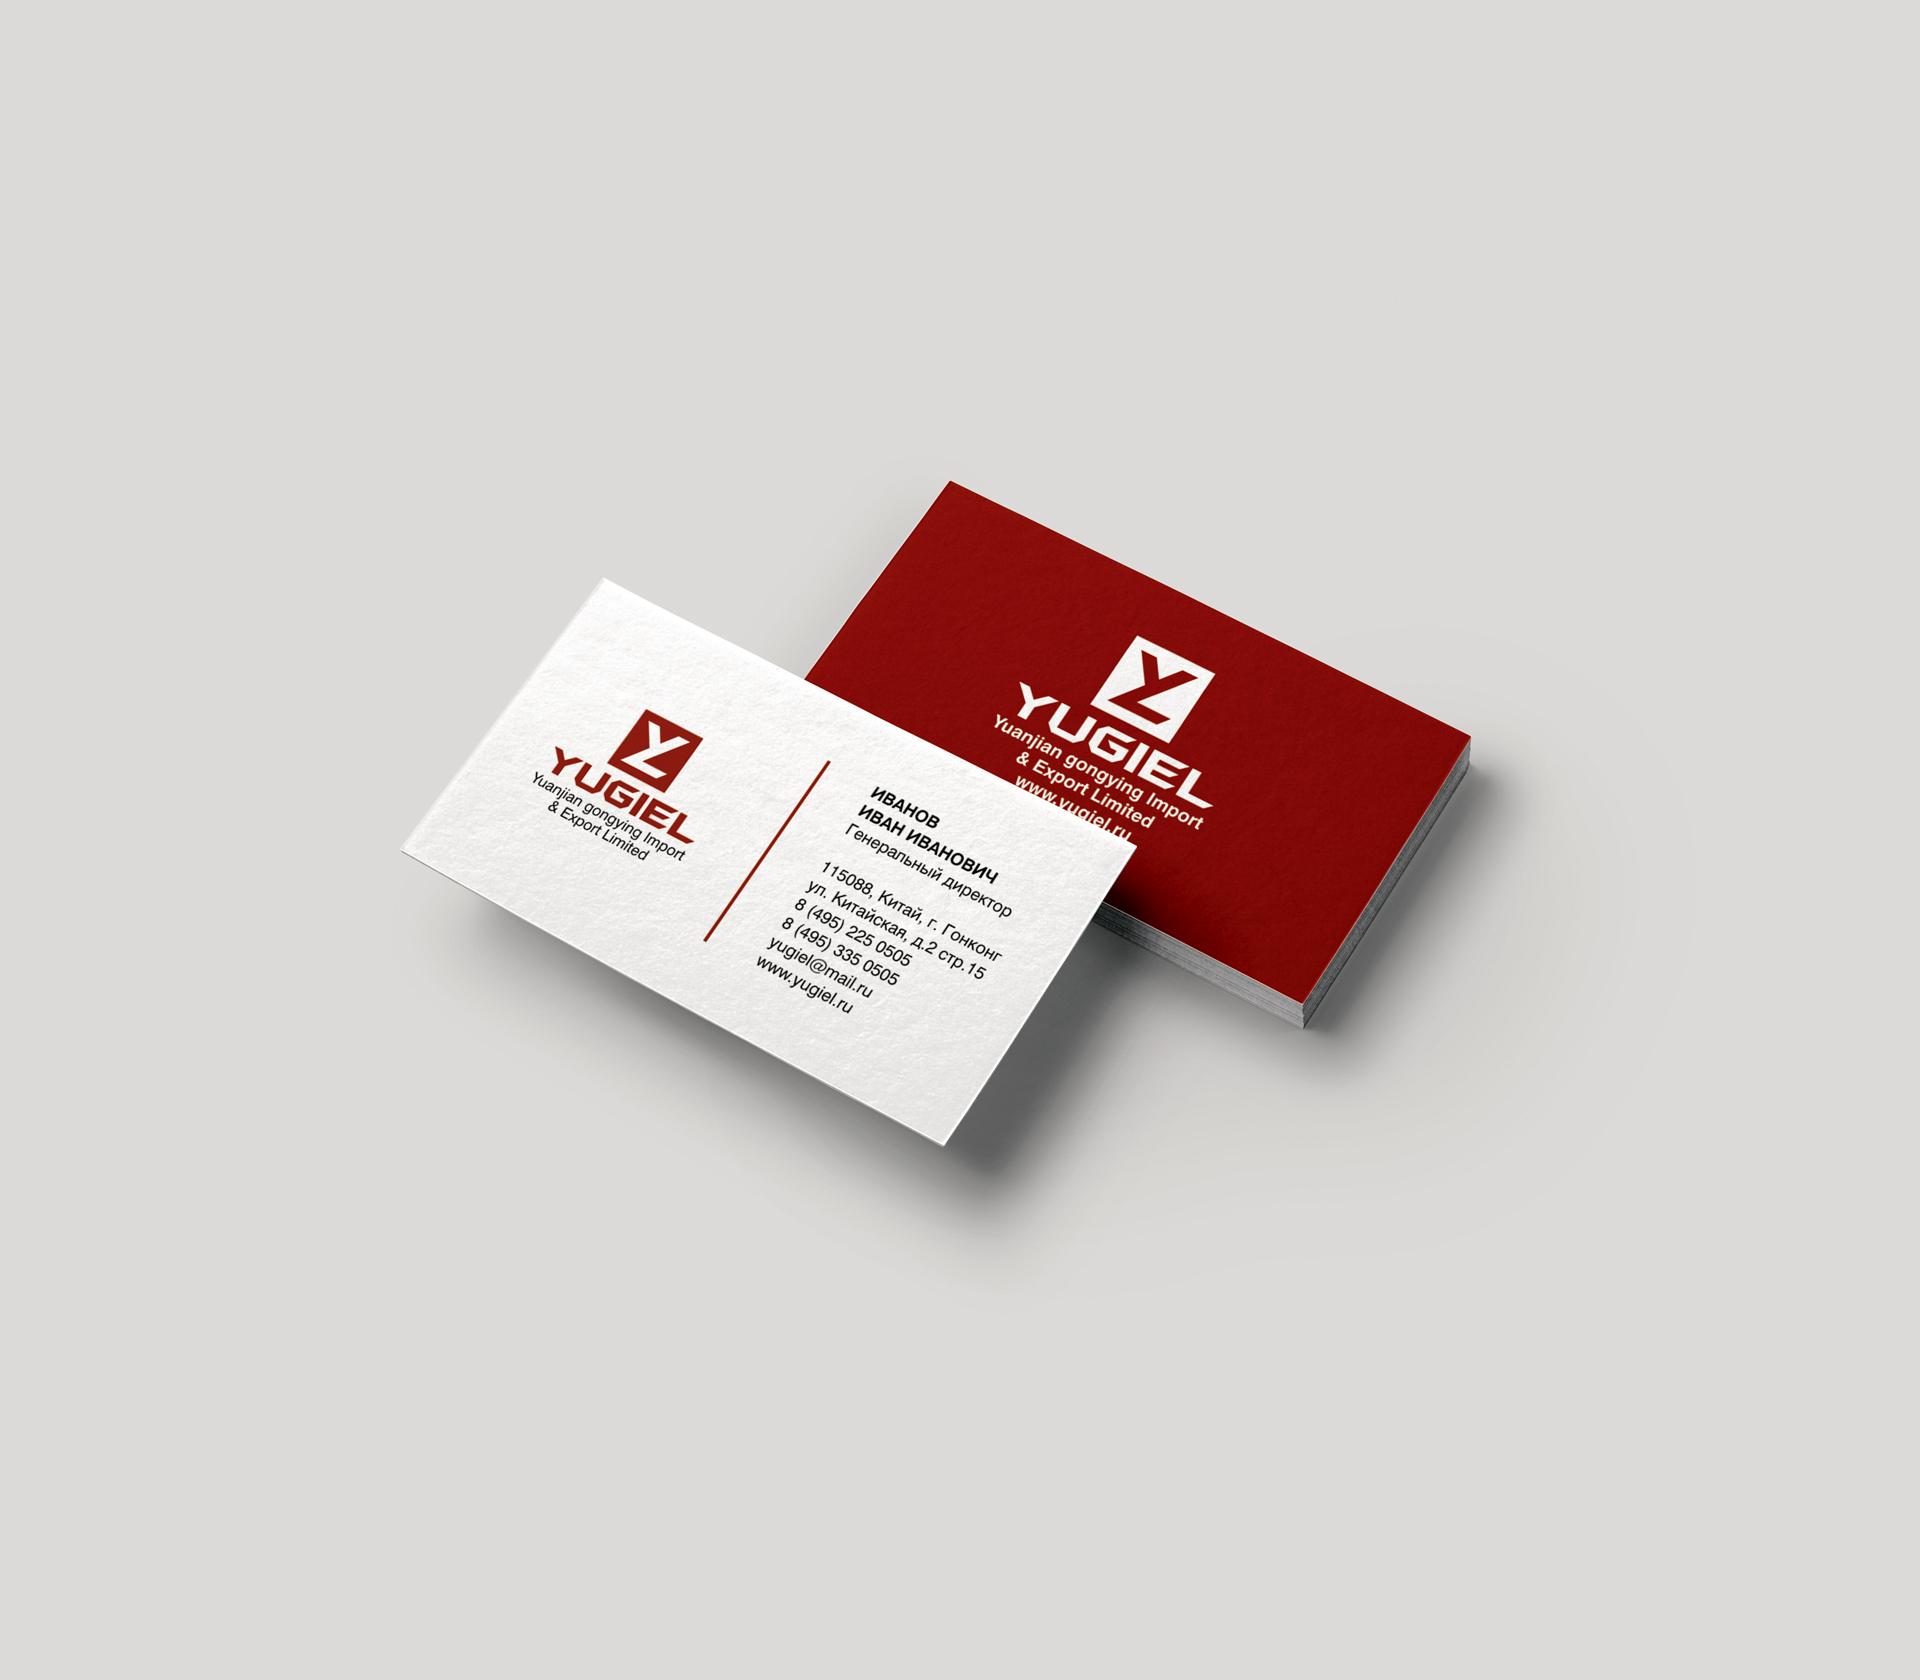 Логотип и фирменный стиль фото f_4235adf44da1e7e9.jpg